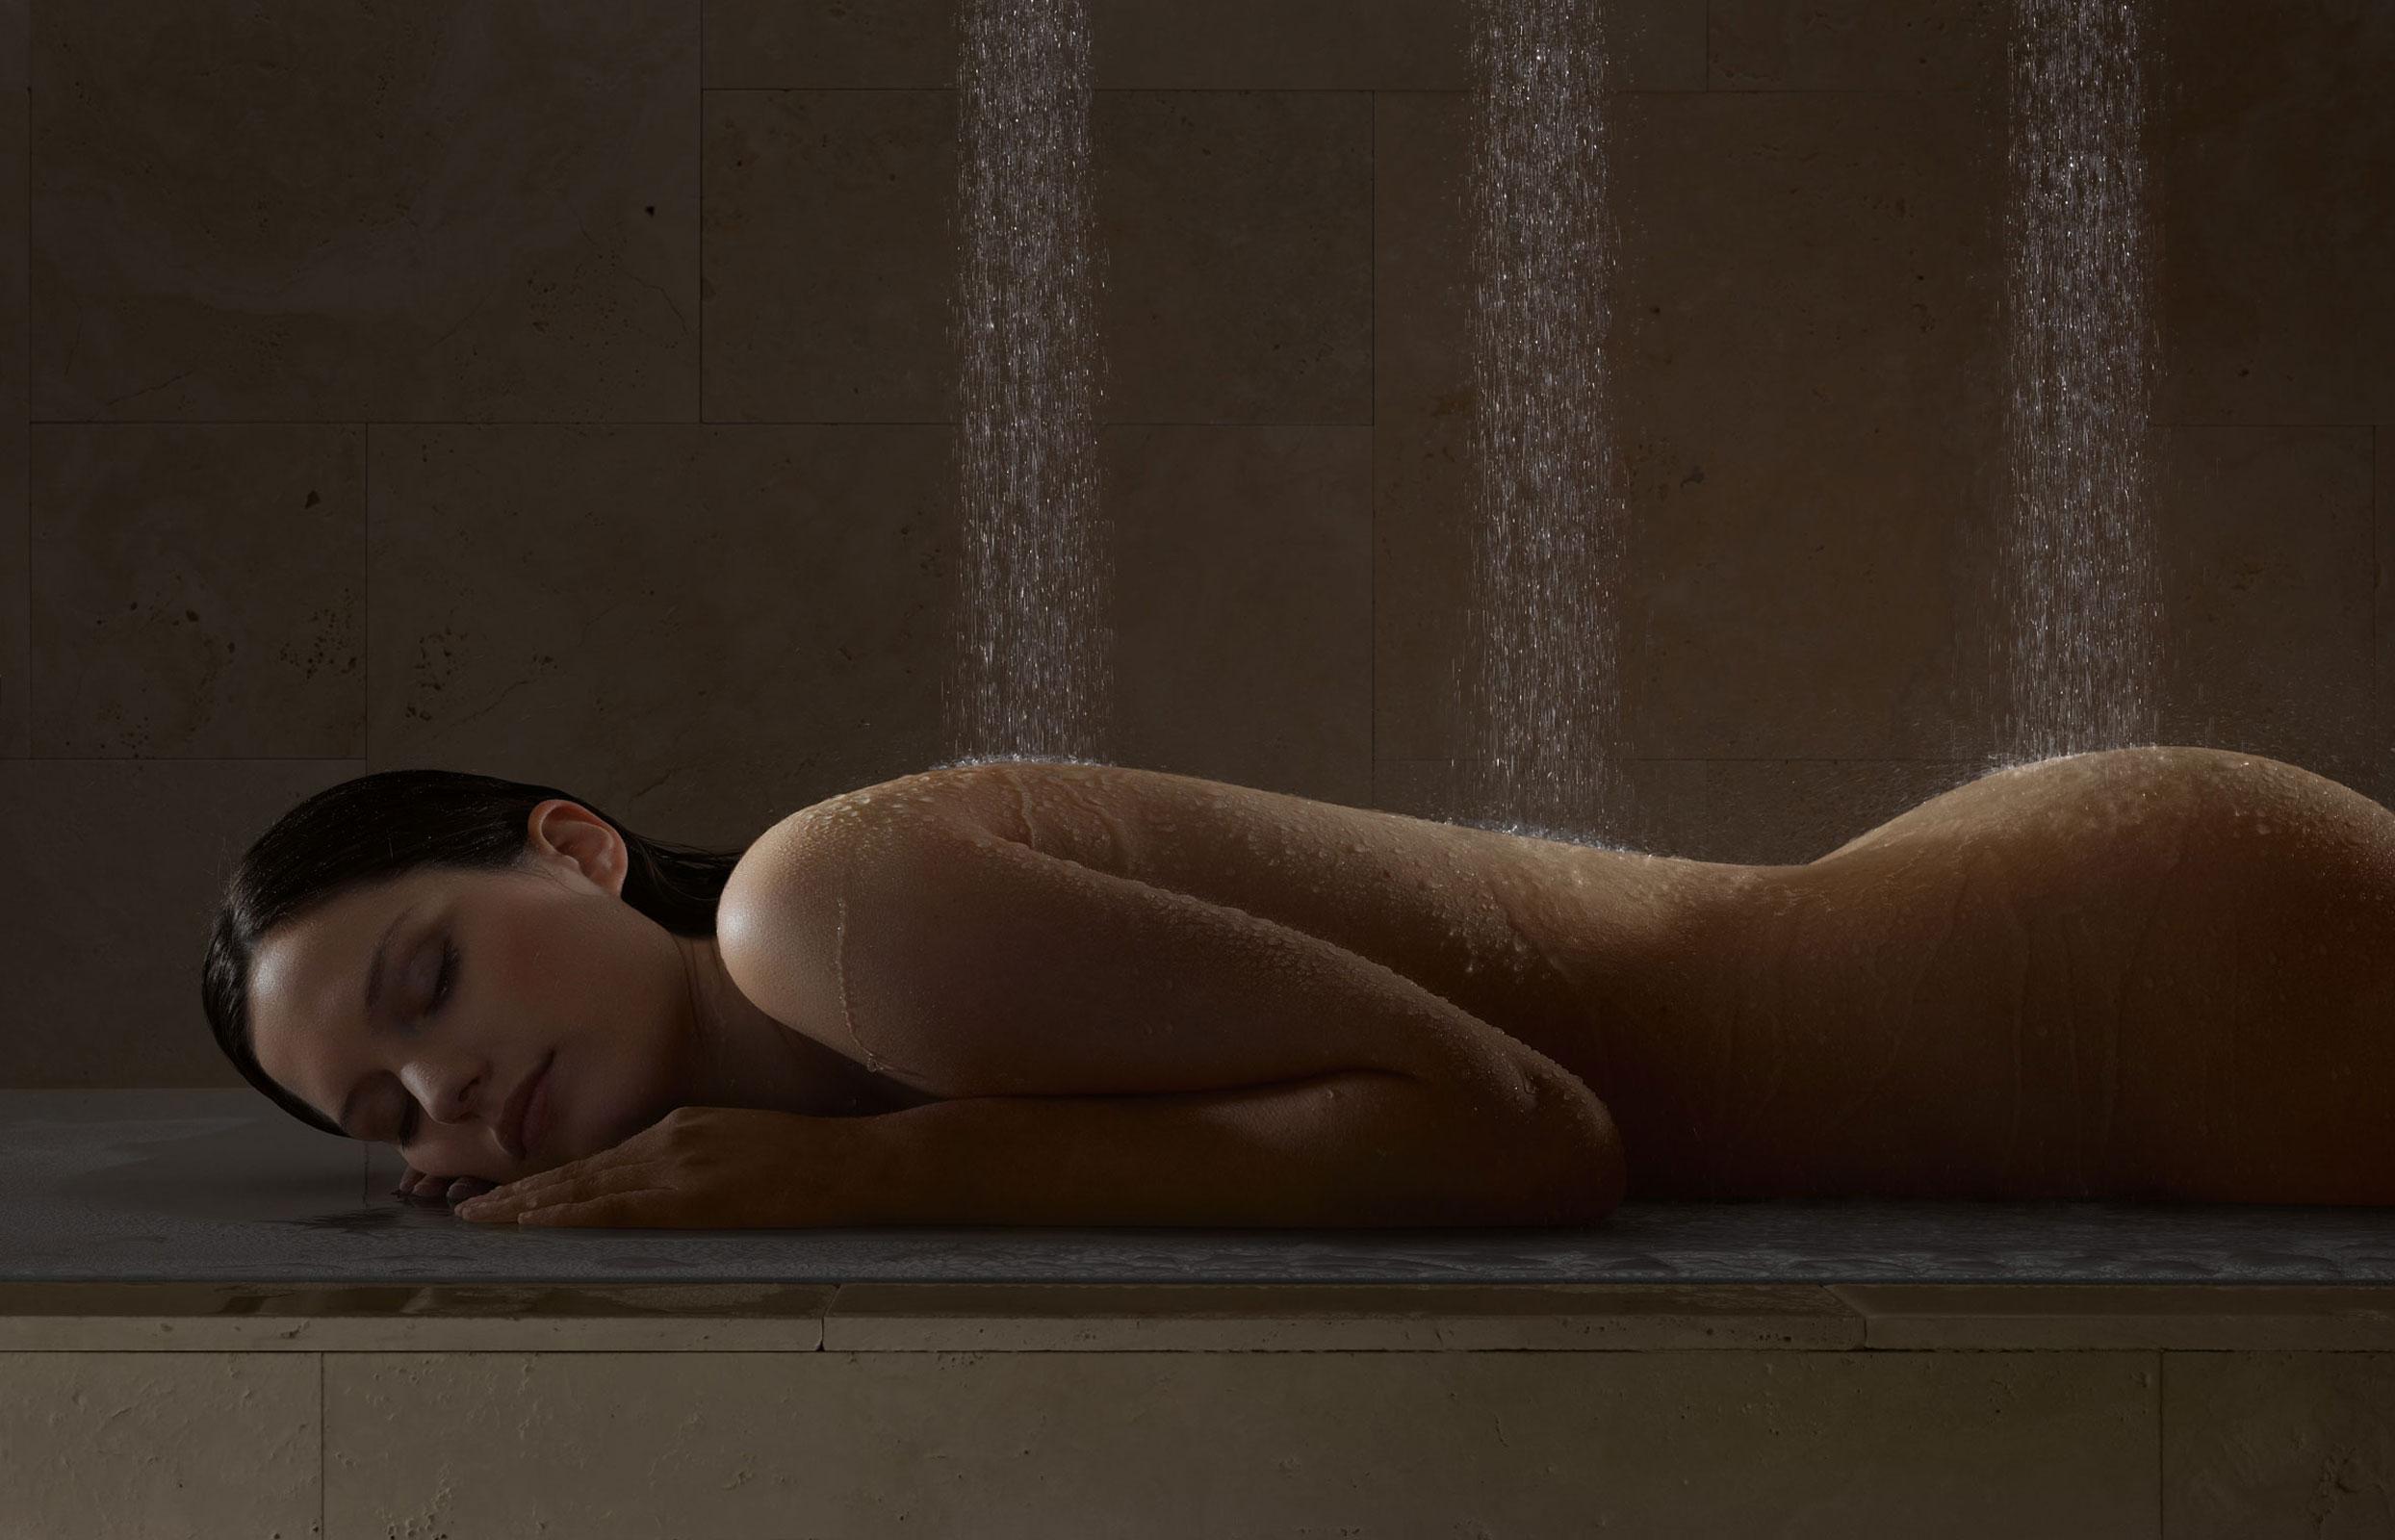 Тетя в душе голая